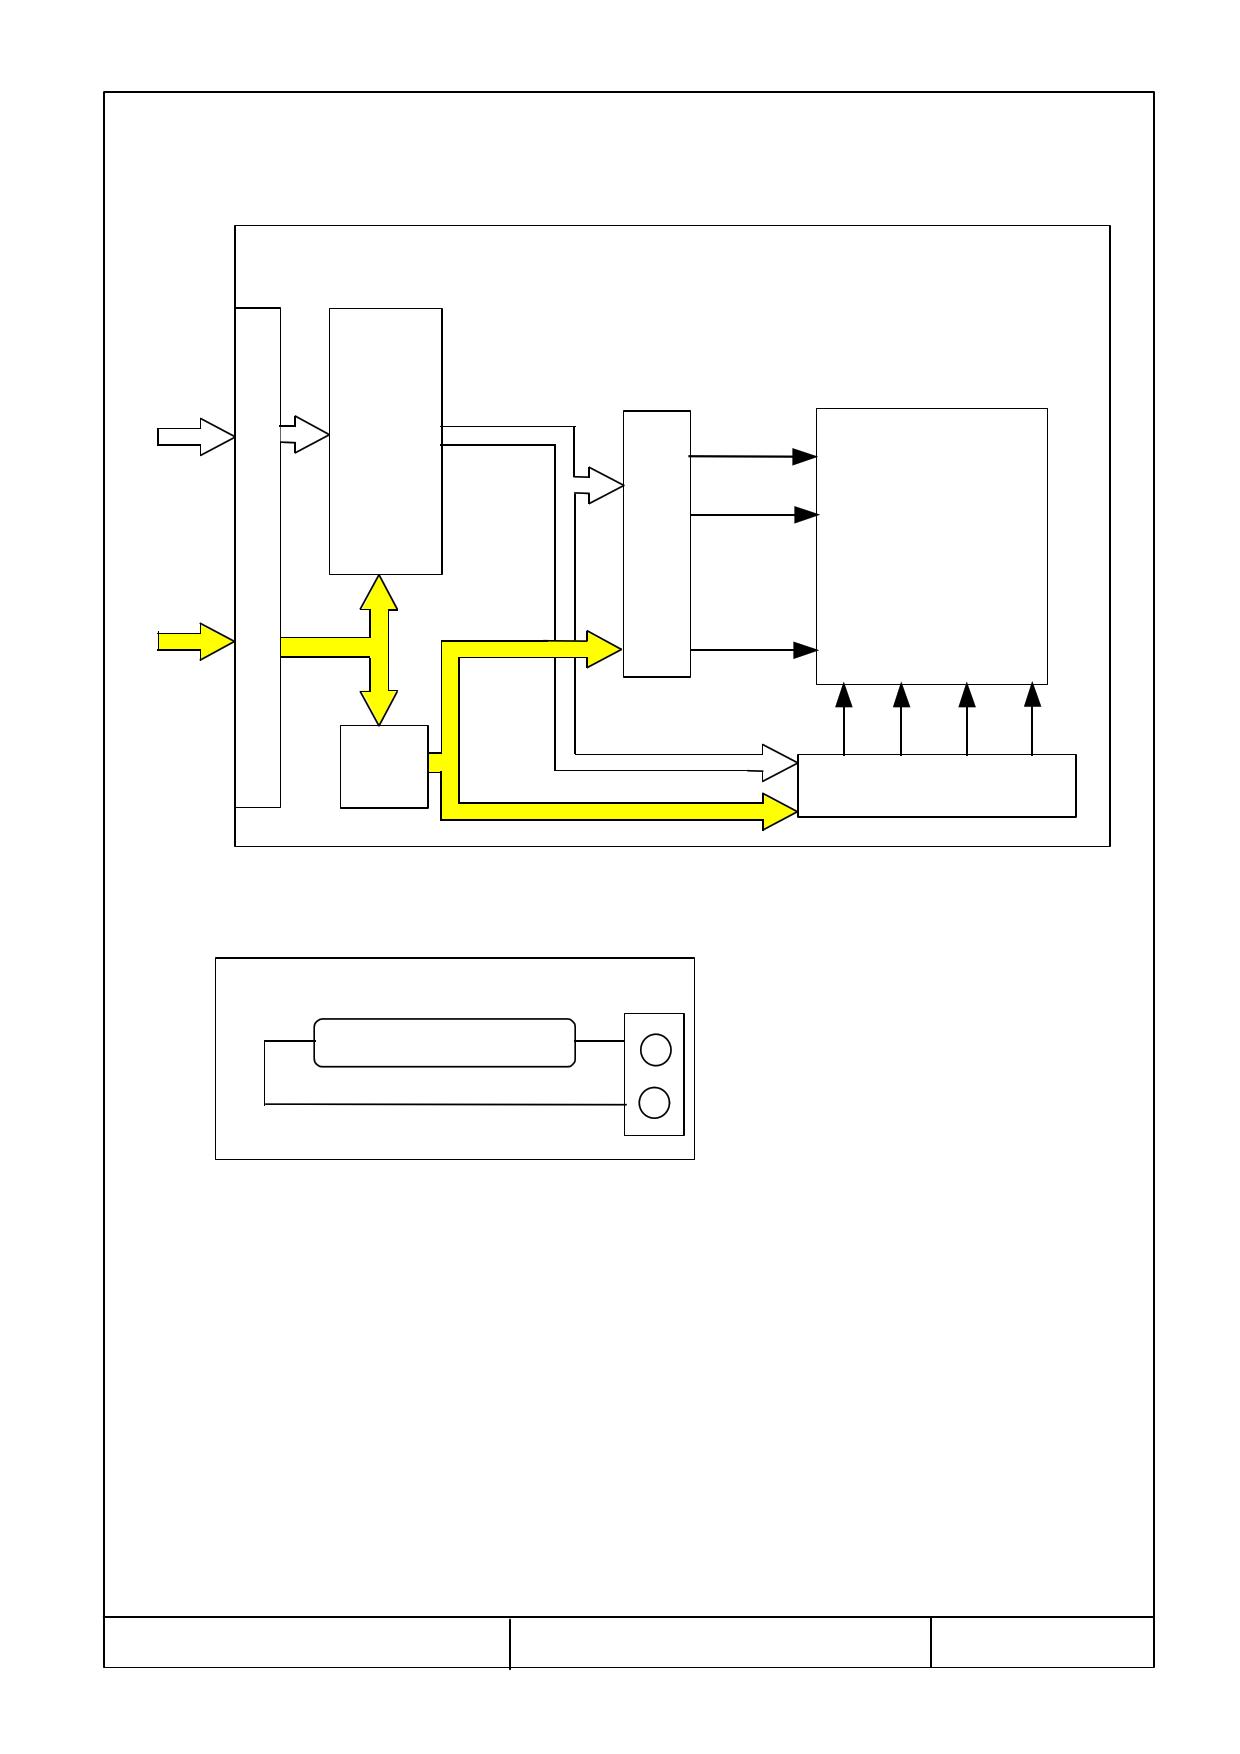 T-51515D104J-FW_A_AA arduino